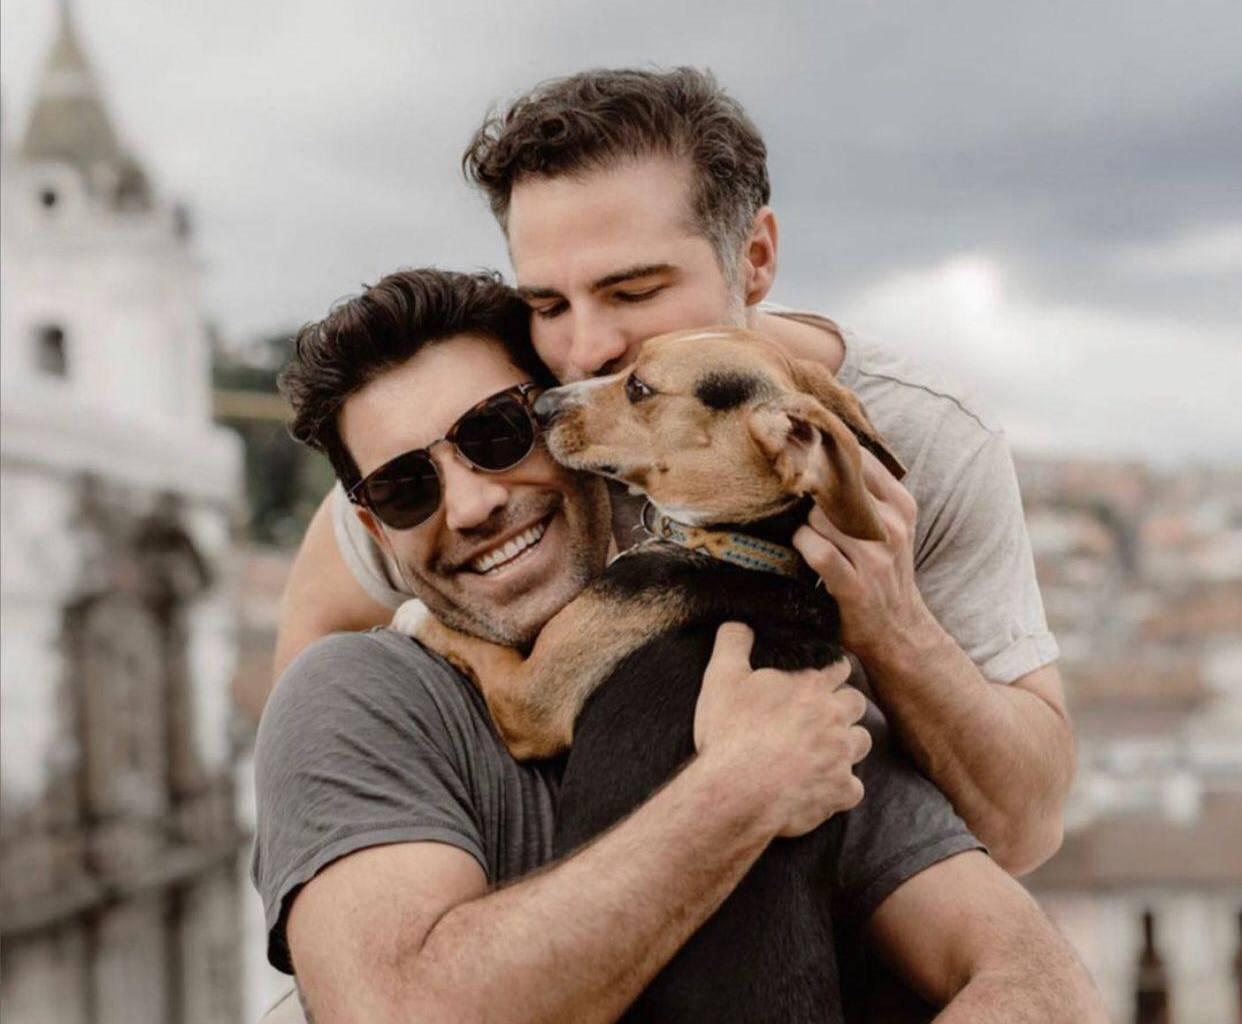 Telenovela actor Roberto Manrique introduces his friend